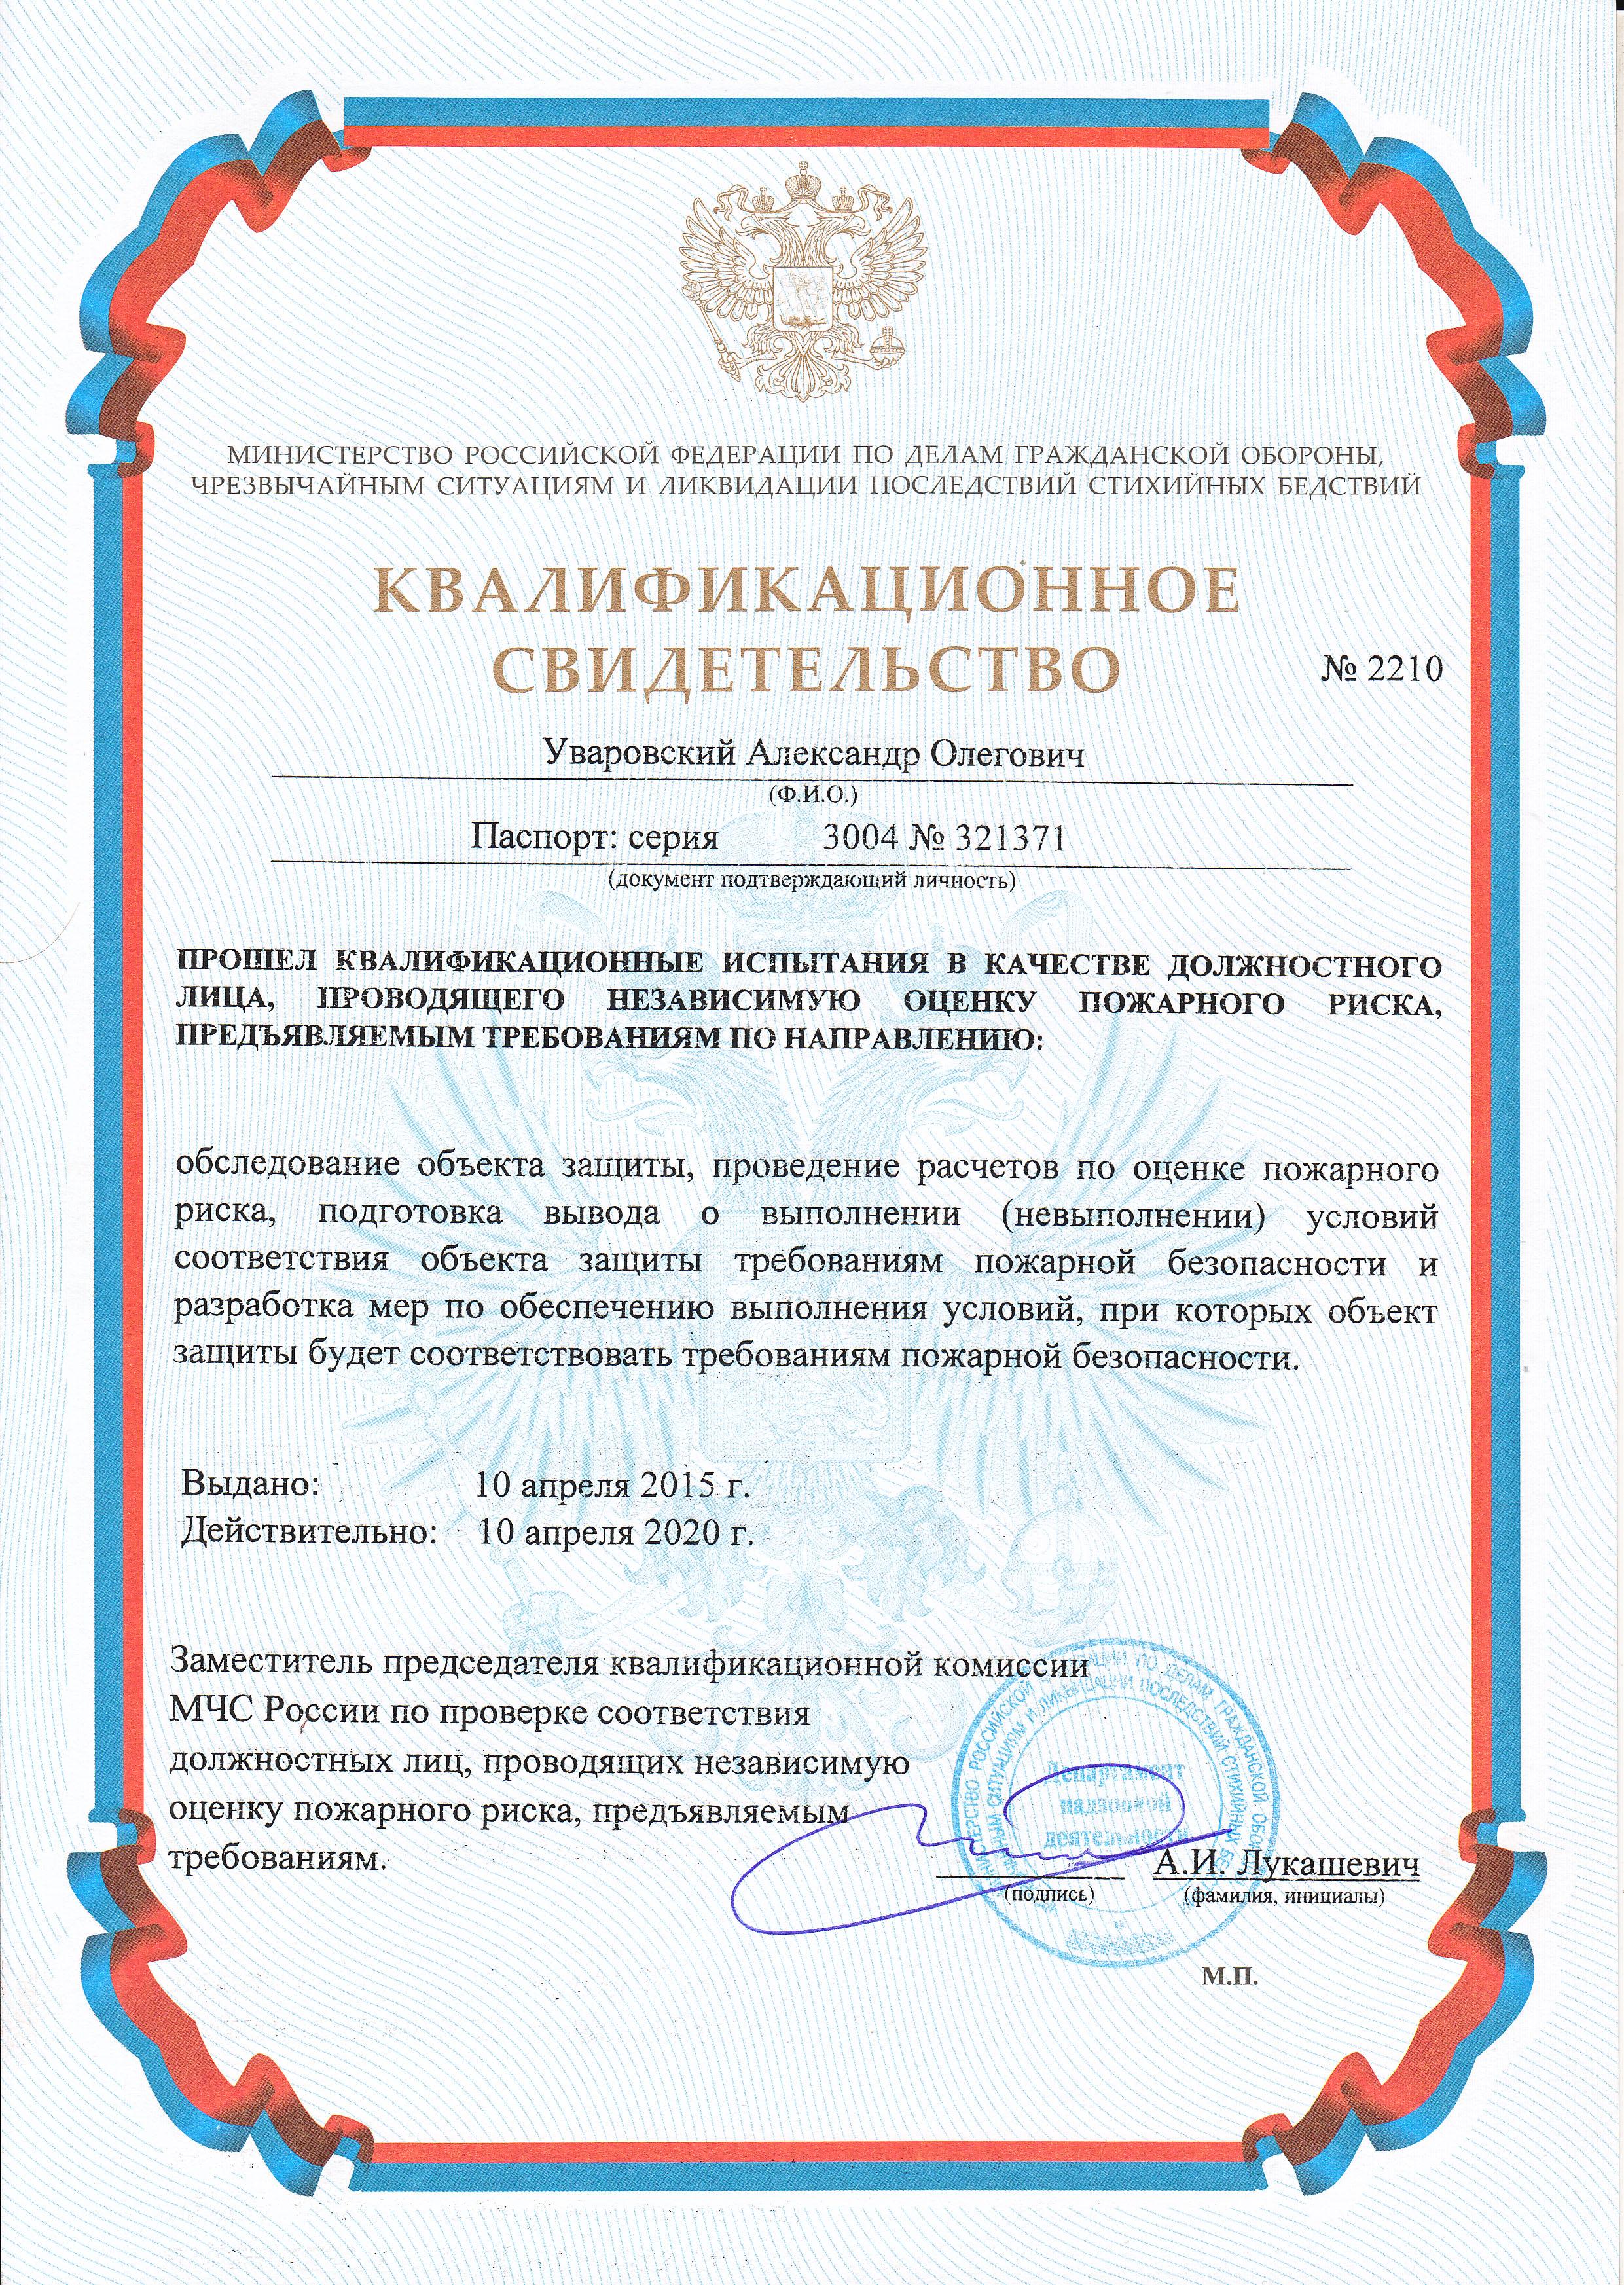 Эксперт судебная экспертиза обязан предъявить приказ удостоверение